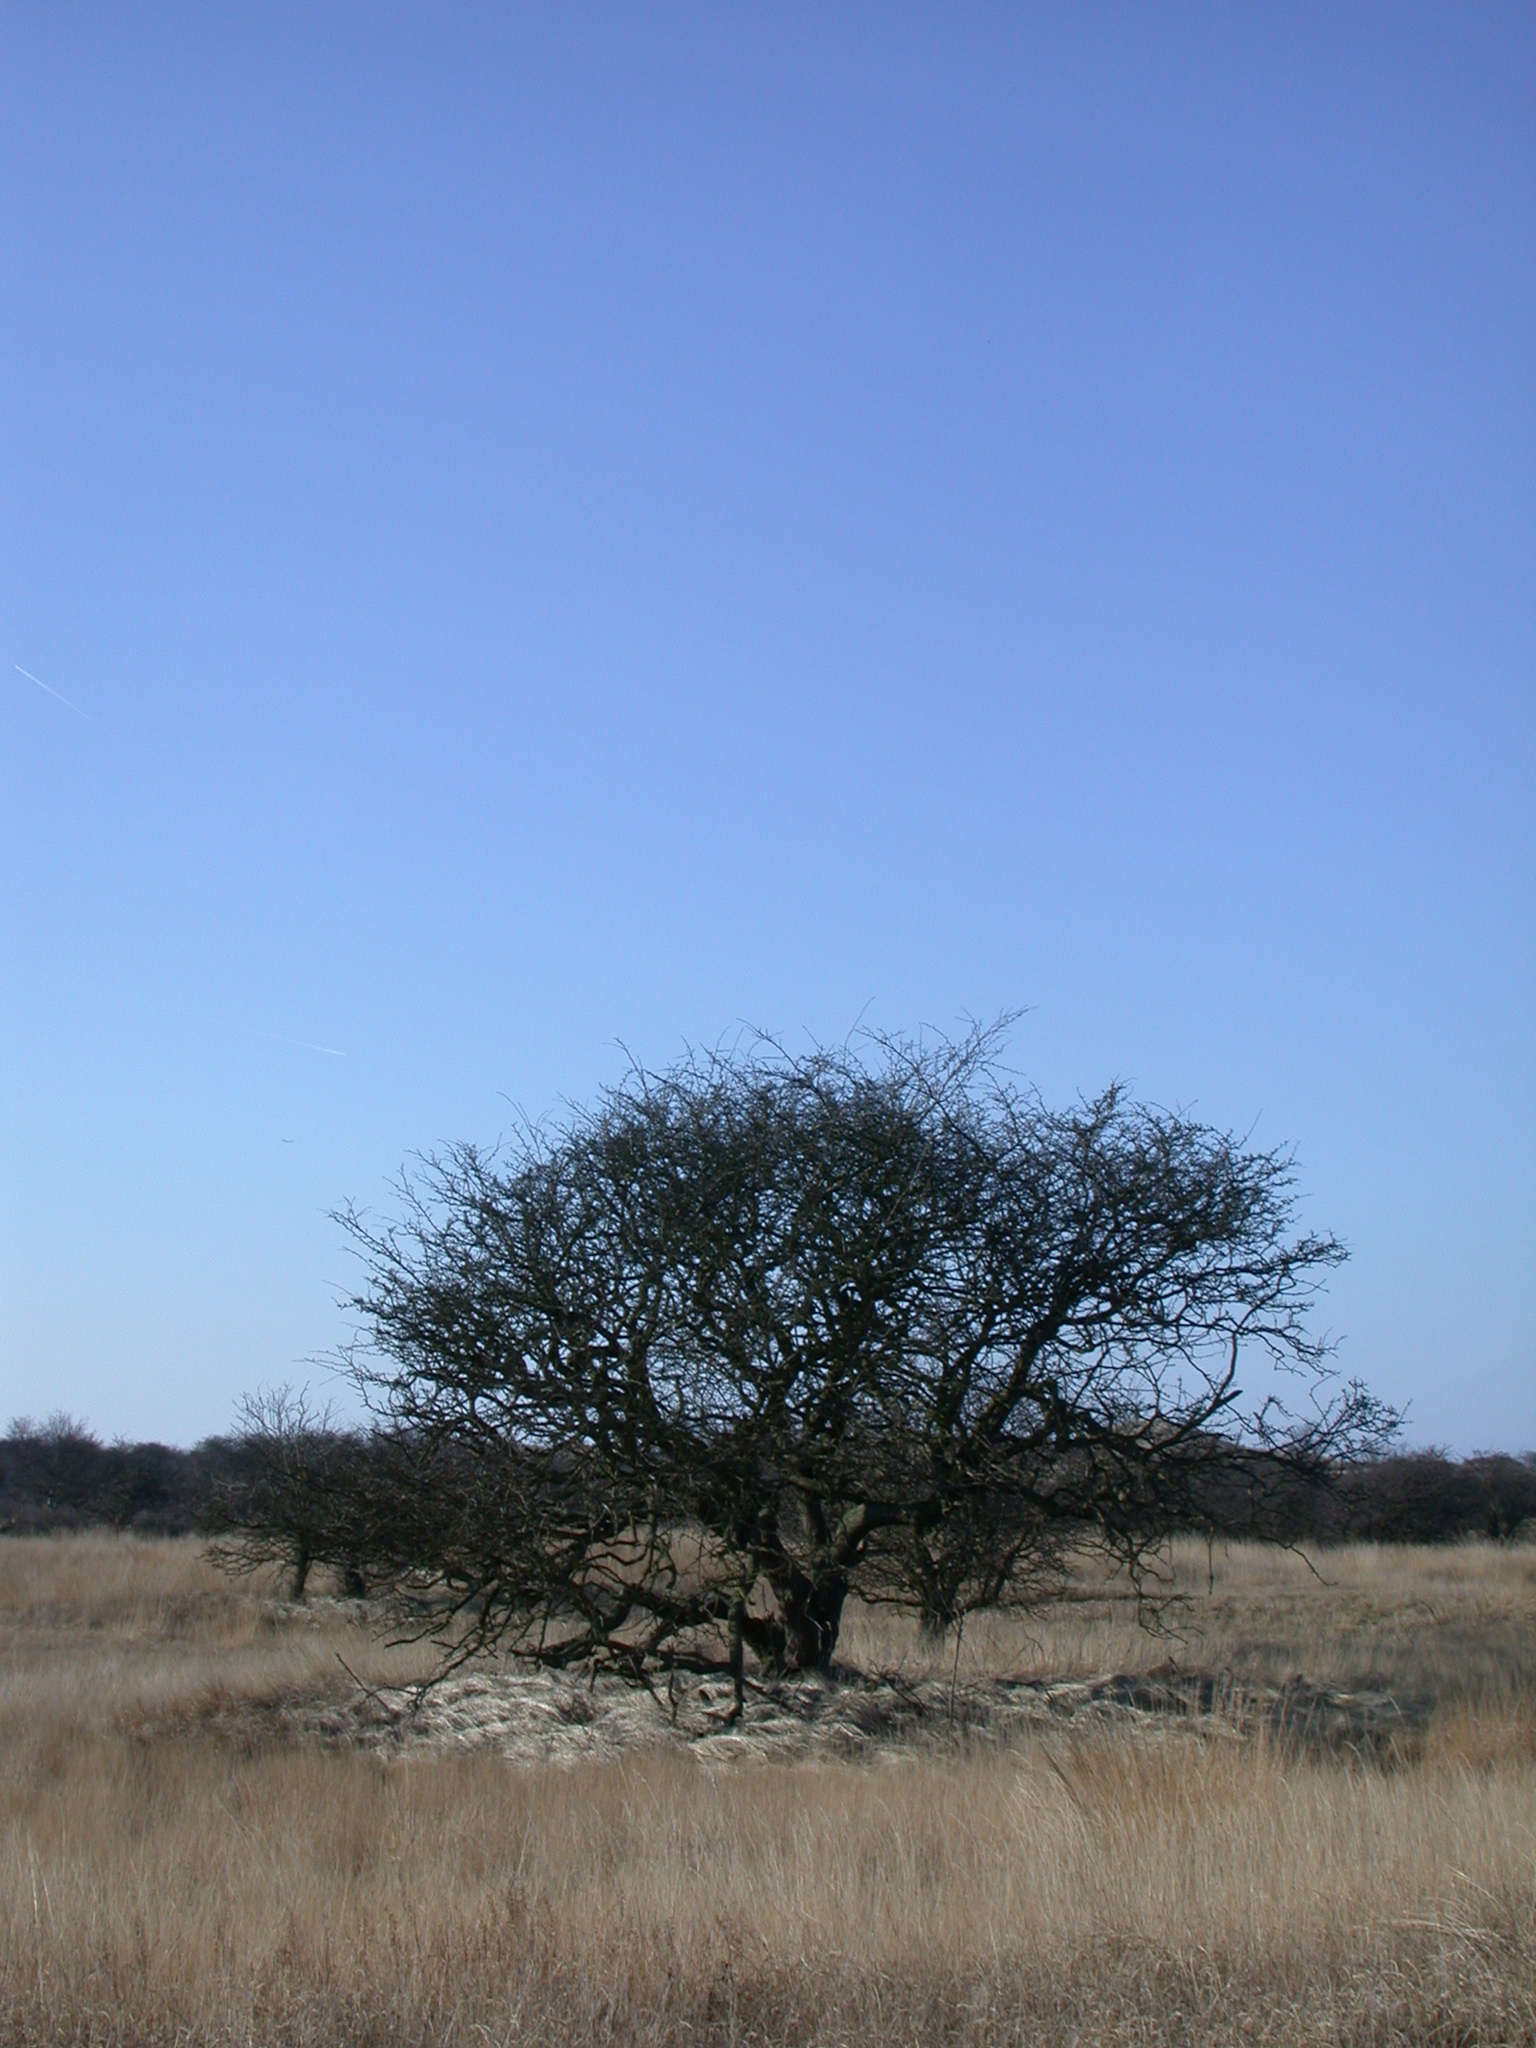 tree in open field winter grass brown blue sky